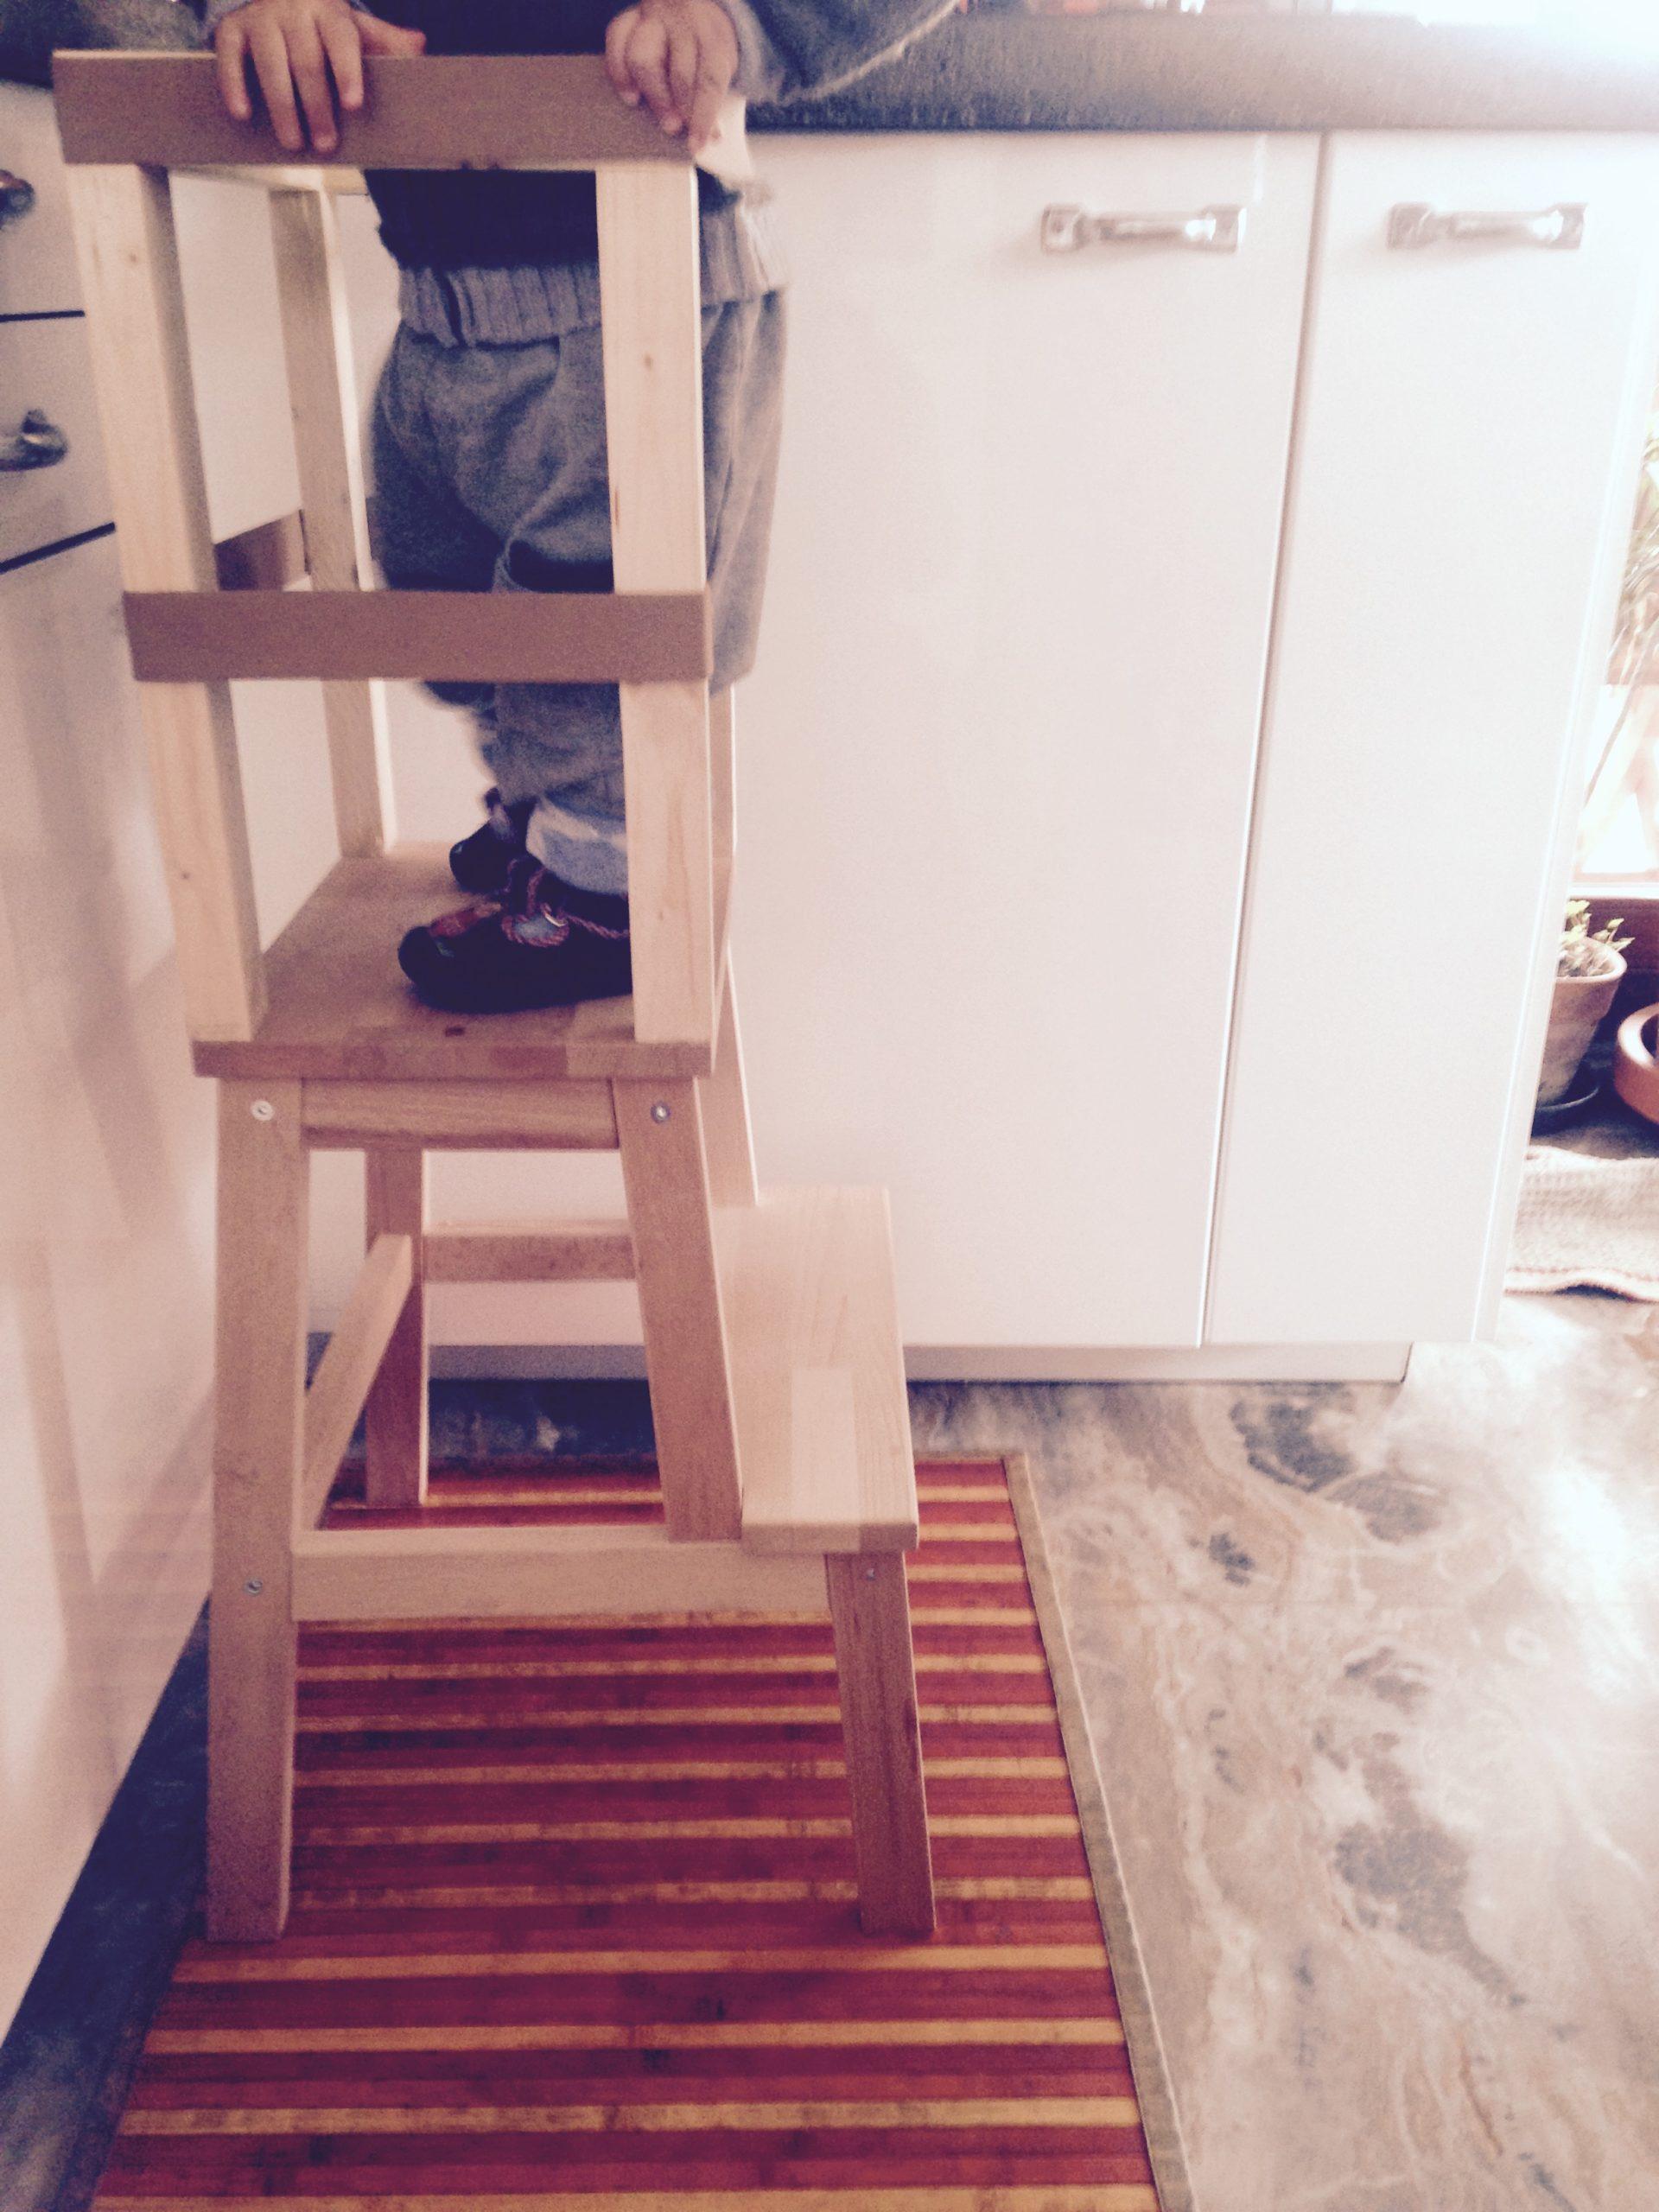 Learning tower per favorire l'autonomia del bambino